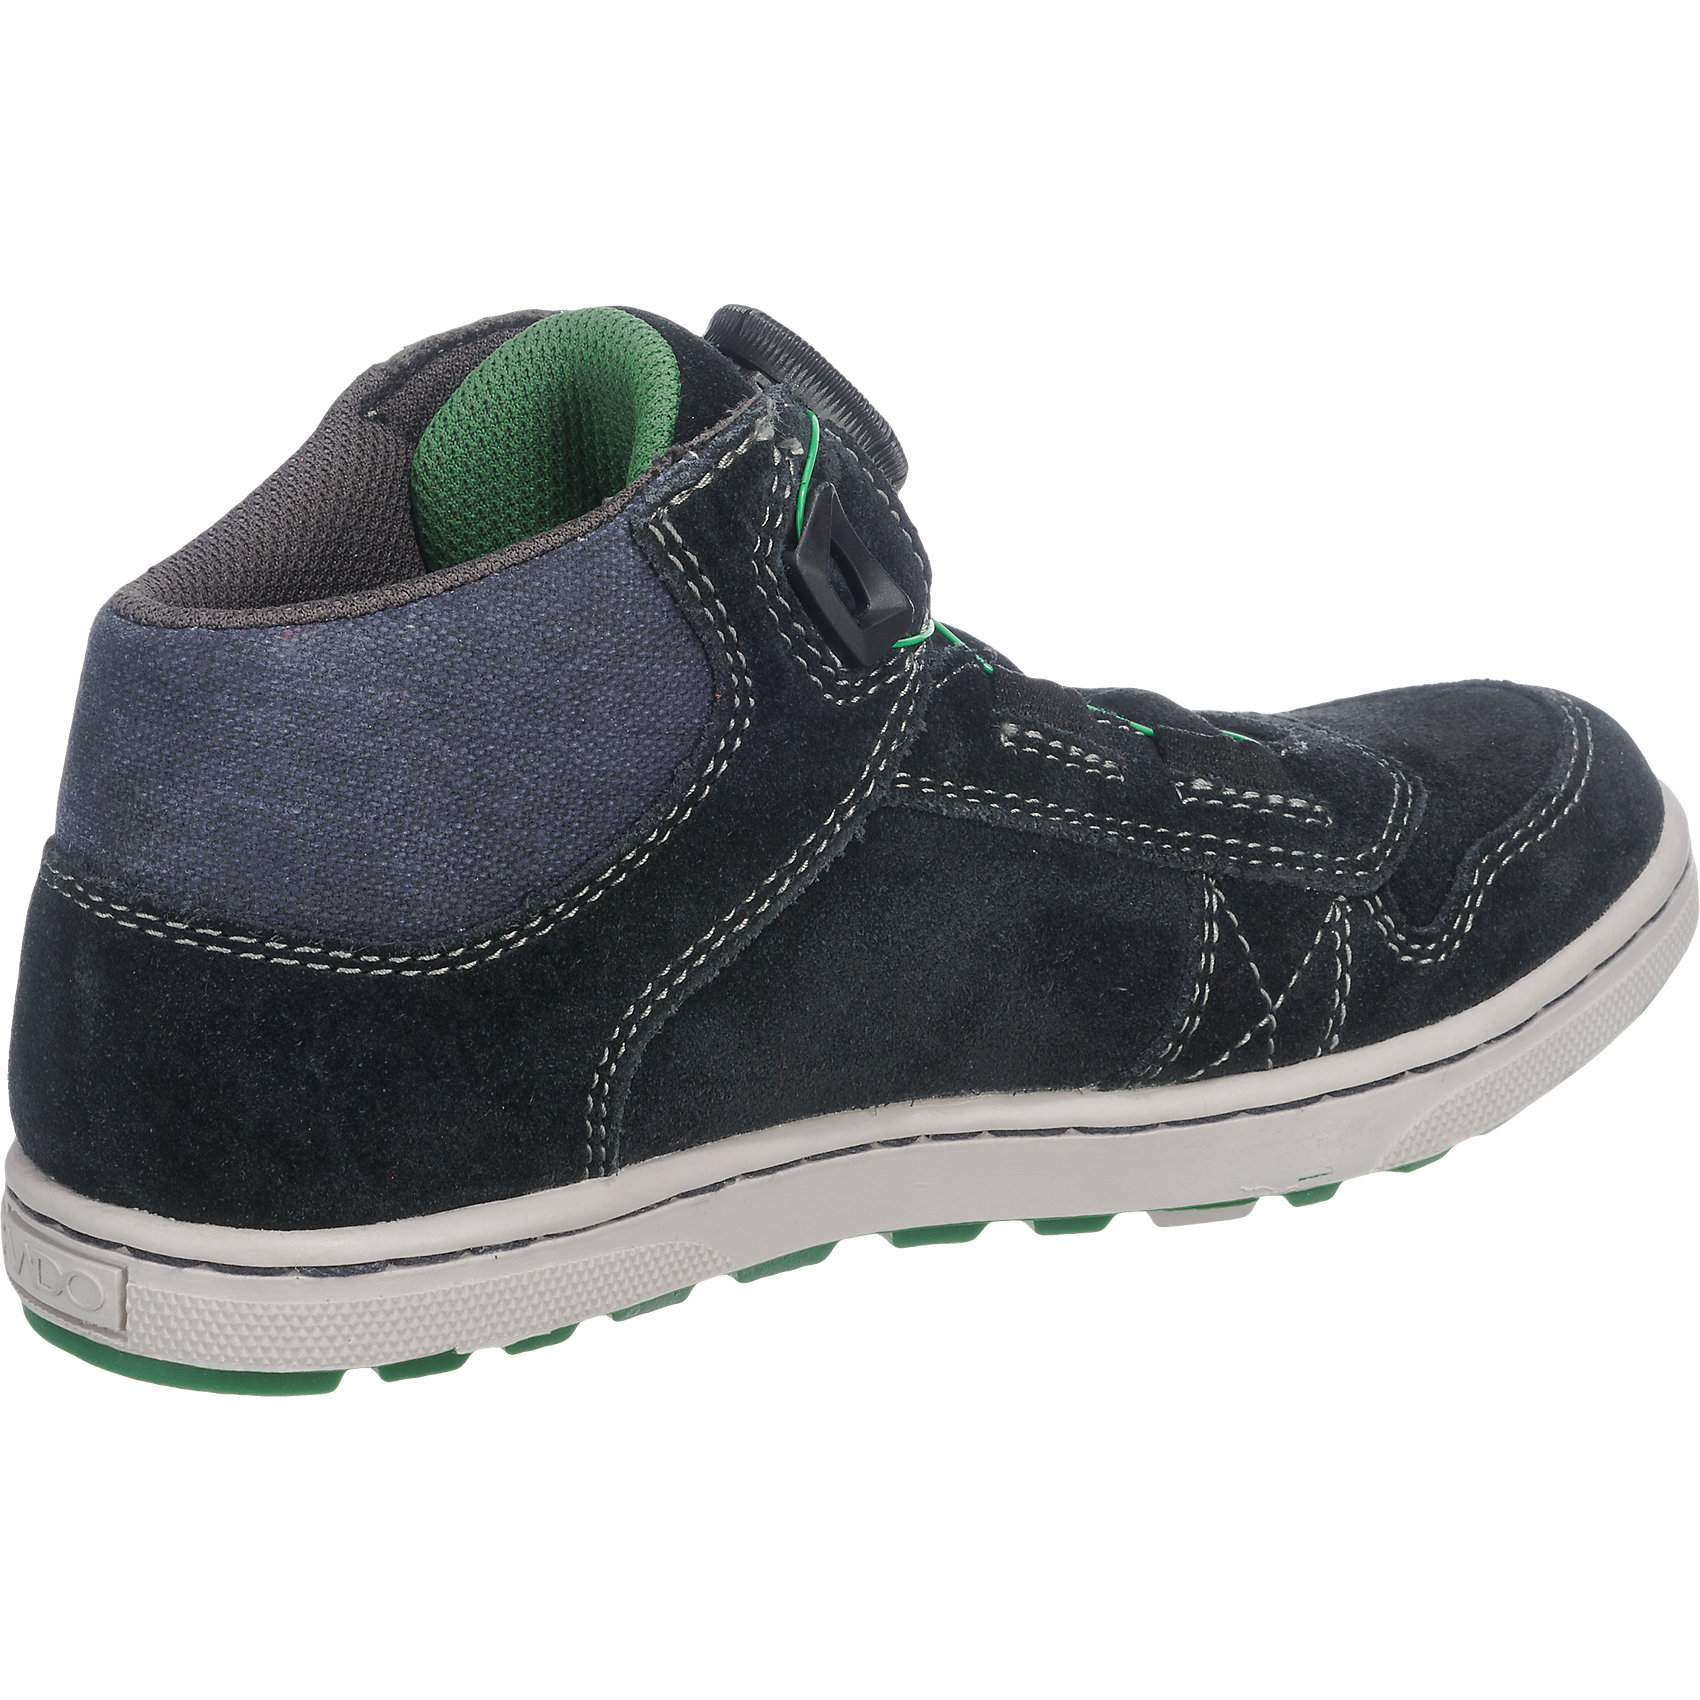 Neu-VADO-Sneakers-High-TEX-Boa-Verschluss-fuer-Jungen-6064664-fuer-Jungen